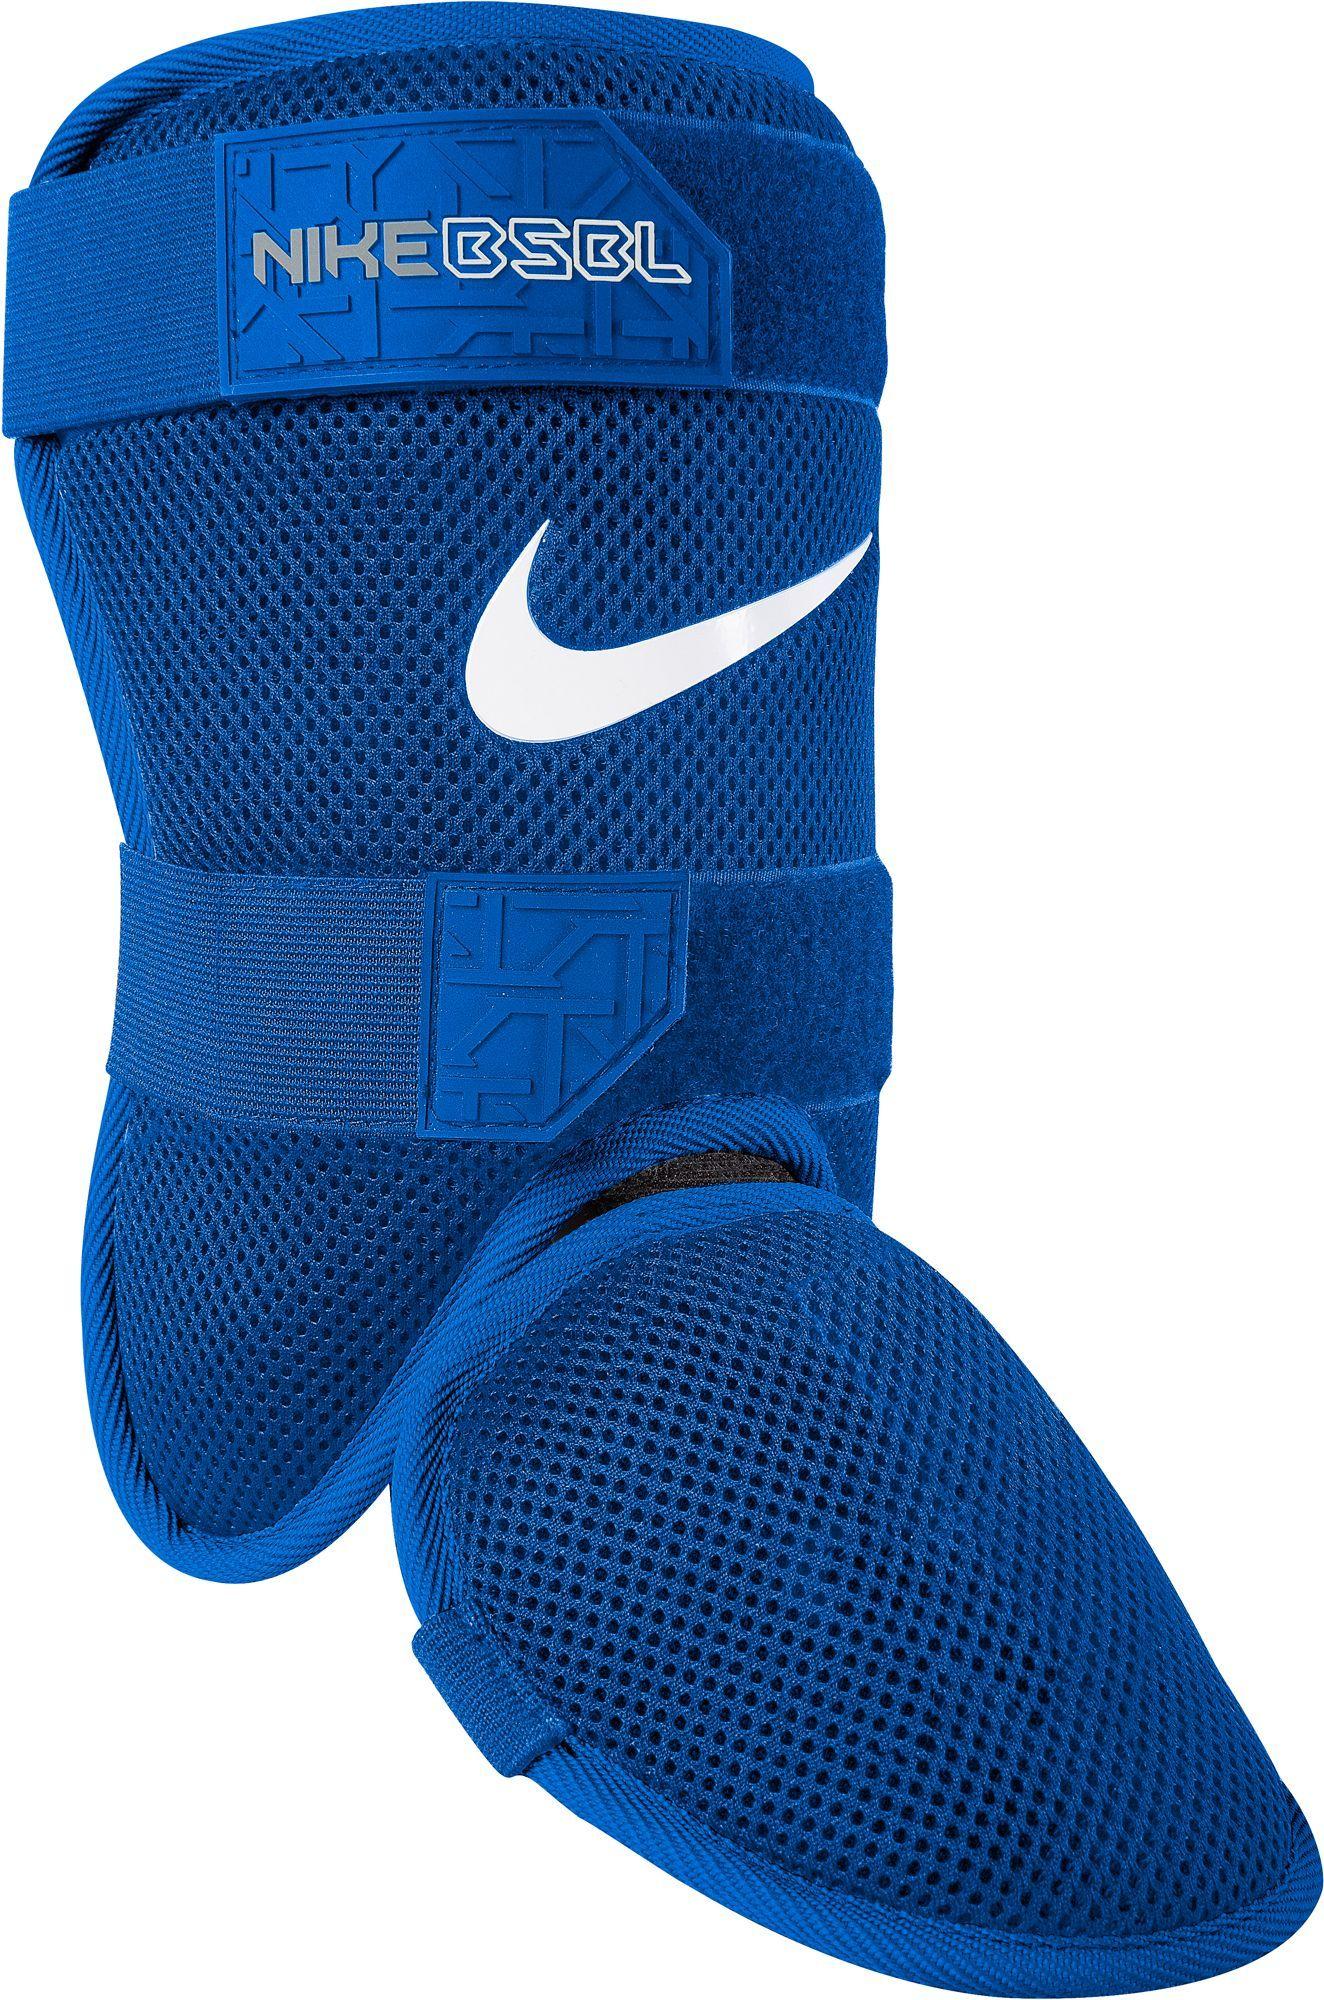 3e33fc472 Nike BPG 40 Baseball Leg Guard 2.0, Blue in 2019 | Products ...